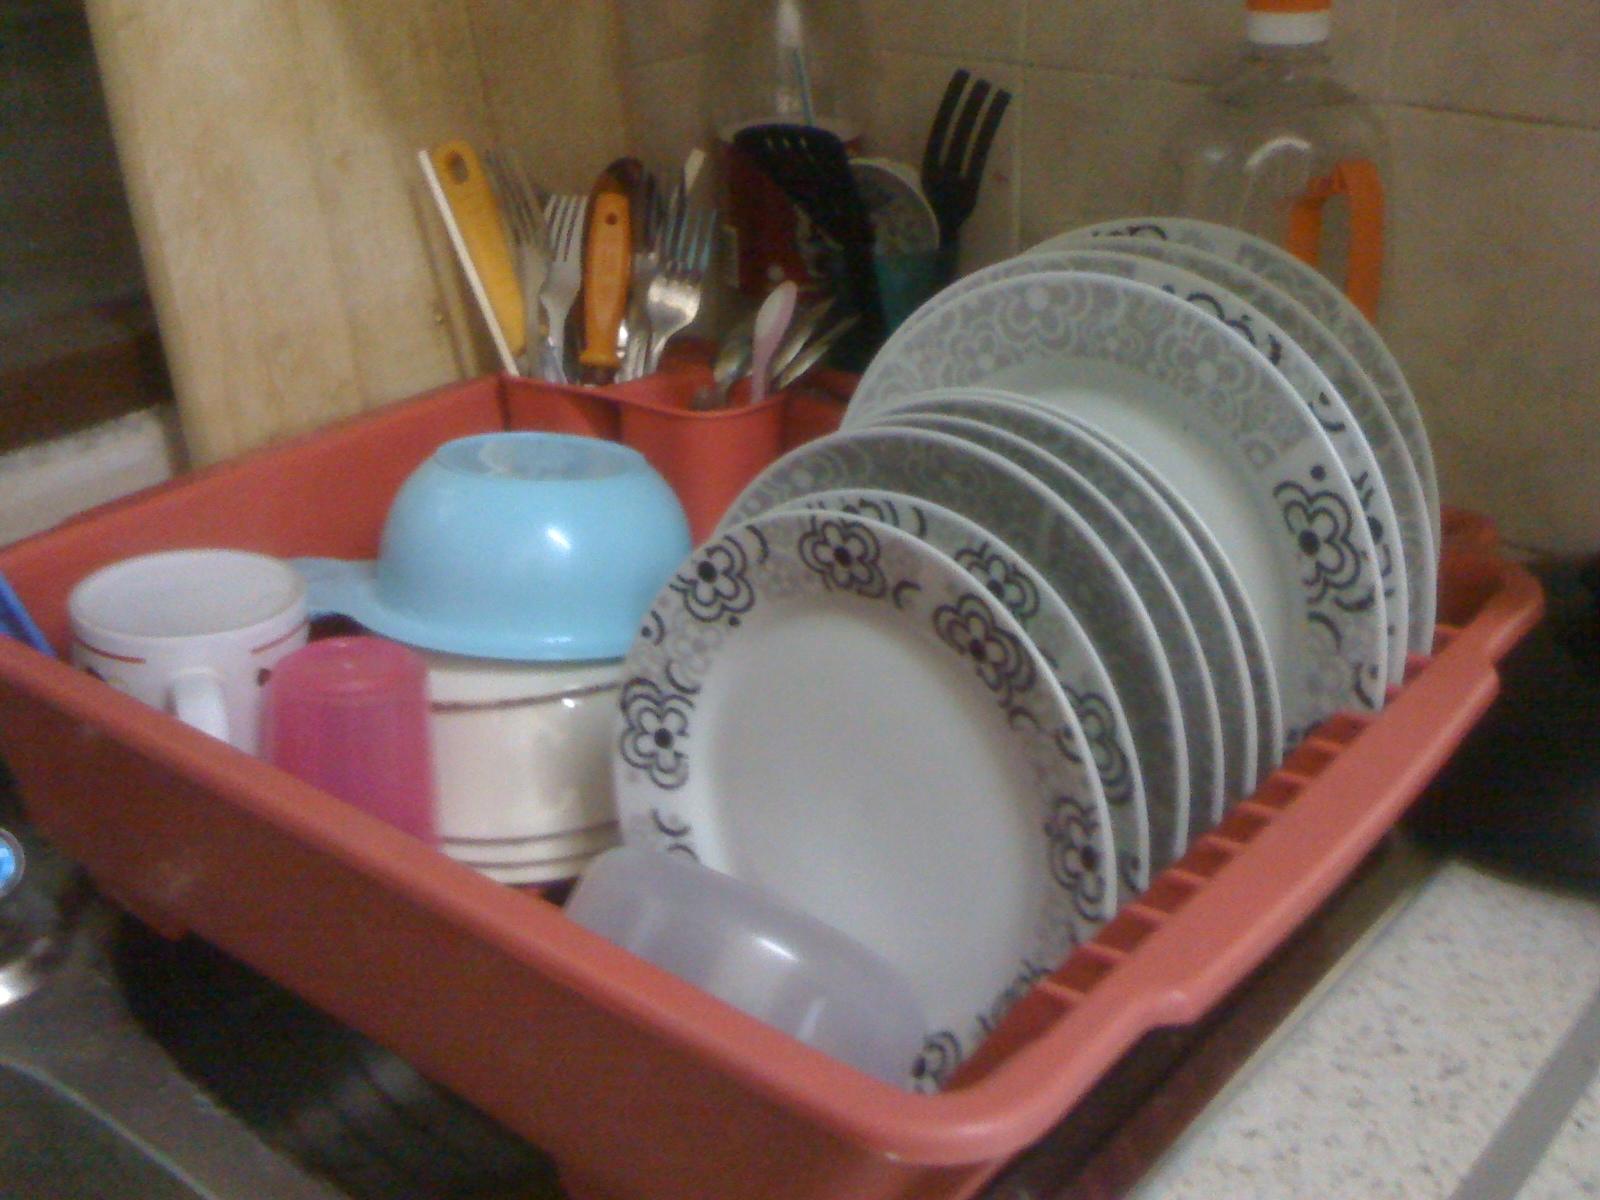 Dapur Rumah Saya Kecik Jer Jd Rasanya X Susah Nak Organise Beli Satu Bakul Utk Letak Pinggan Basah Yg Sering Digunakan Harian